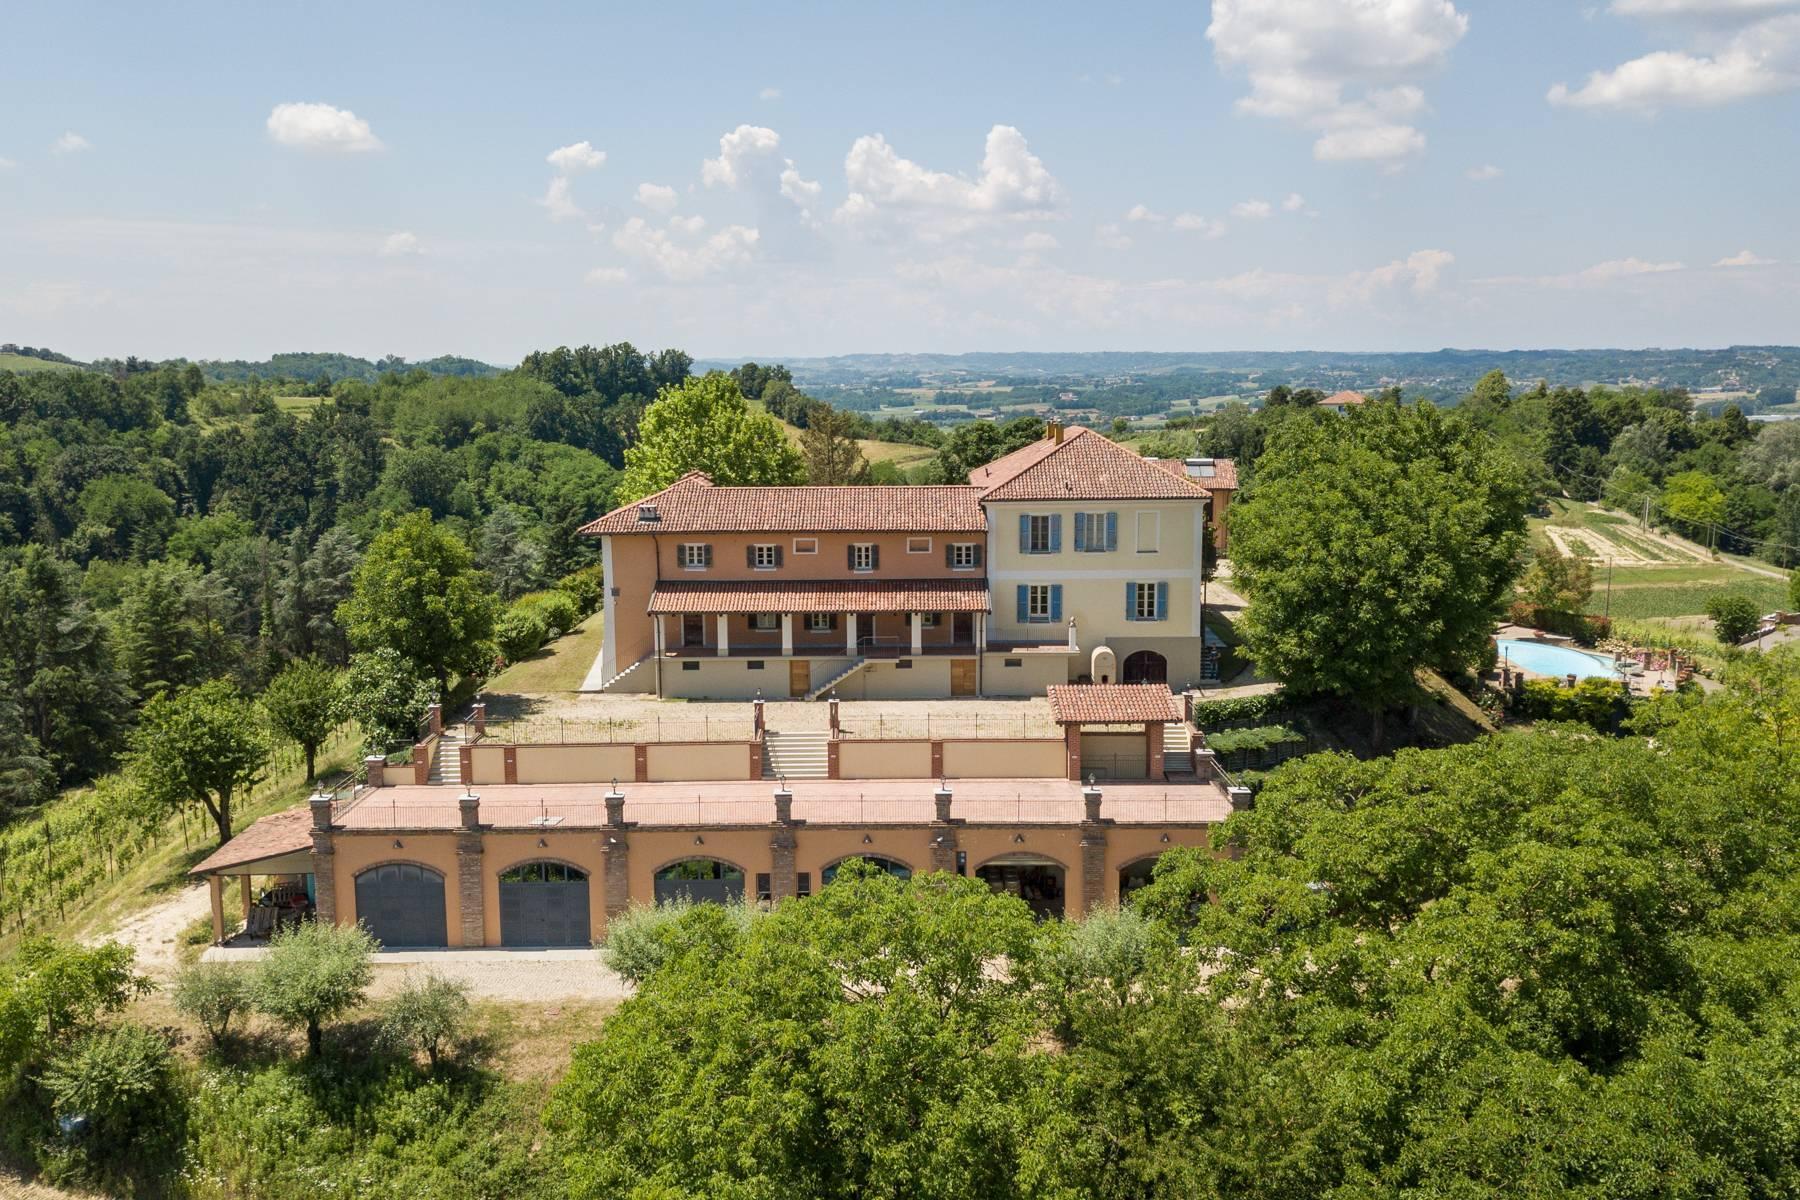 Elegante Villa mit wunderschönem Blick auf die Alpen - 30